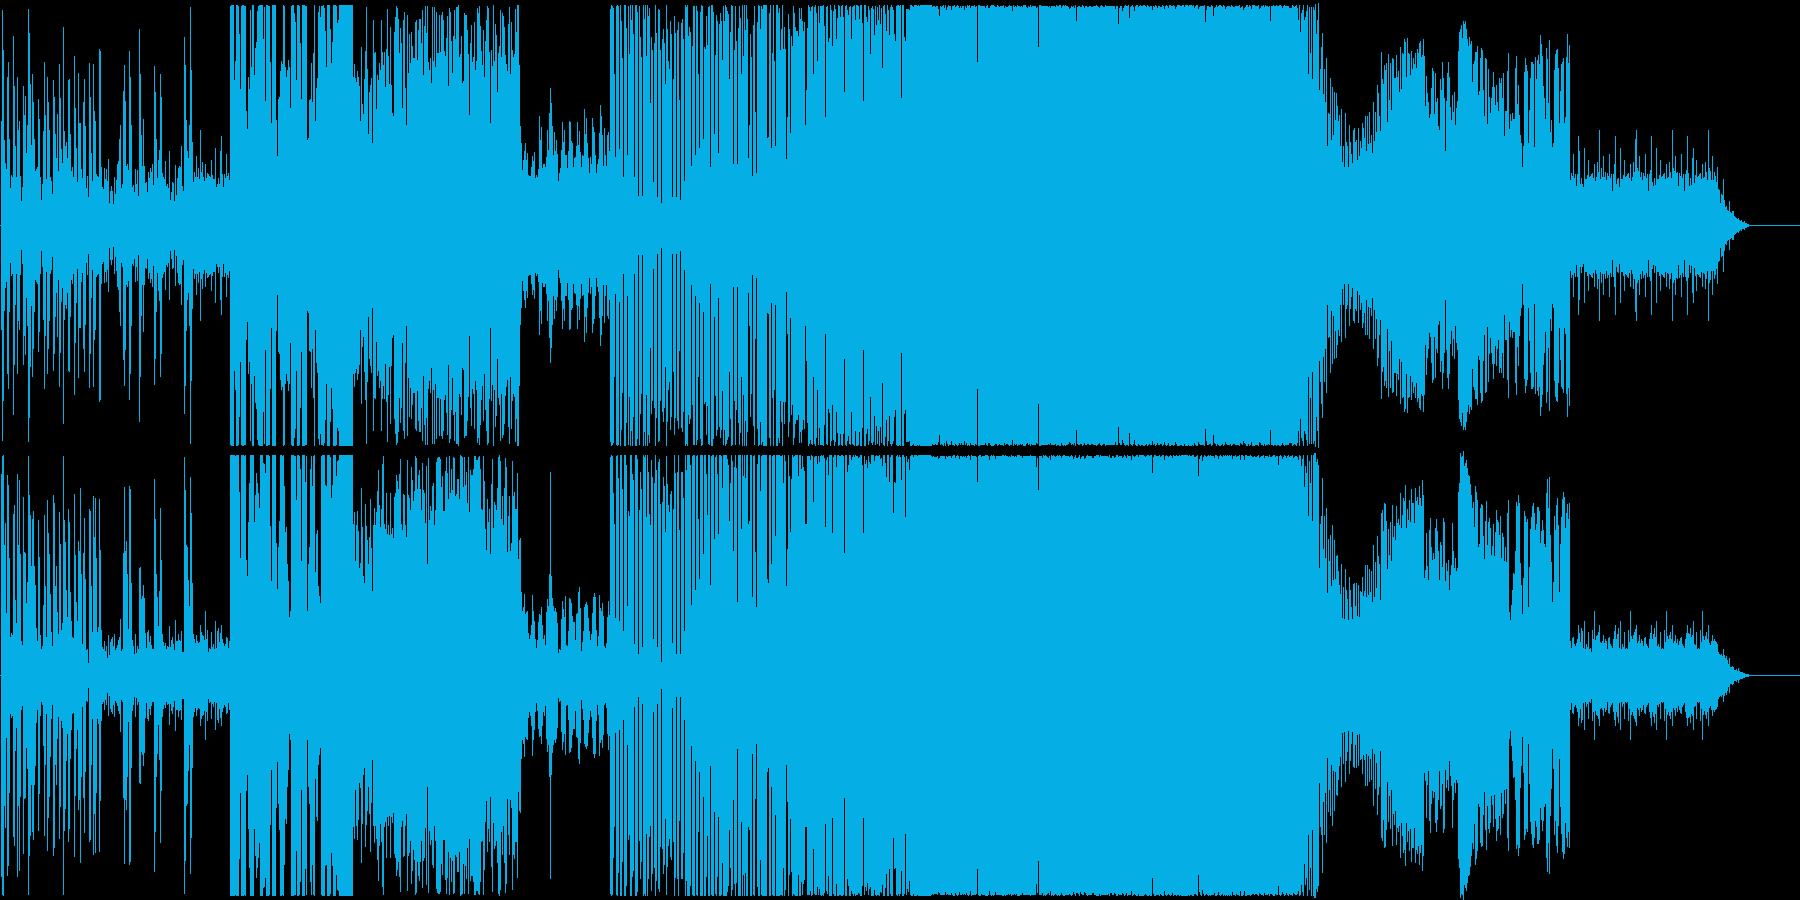 ごちゃごちゃサイバー系ドラムンベース風の再生済みの波形